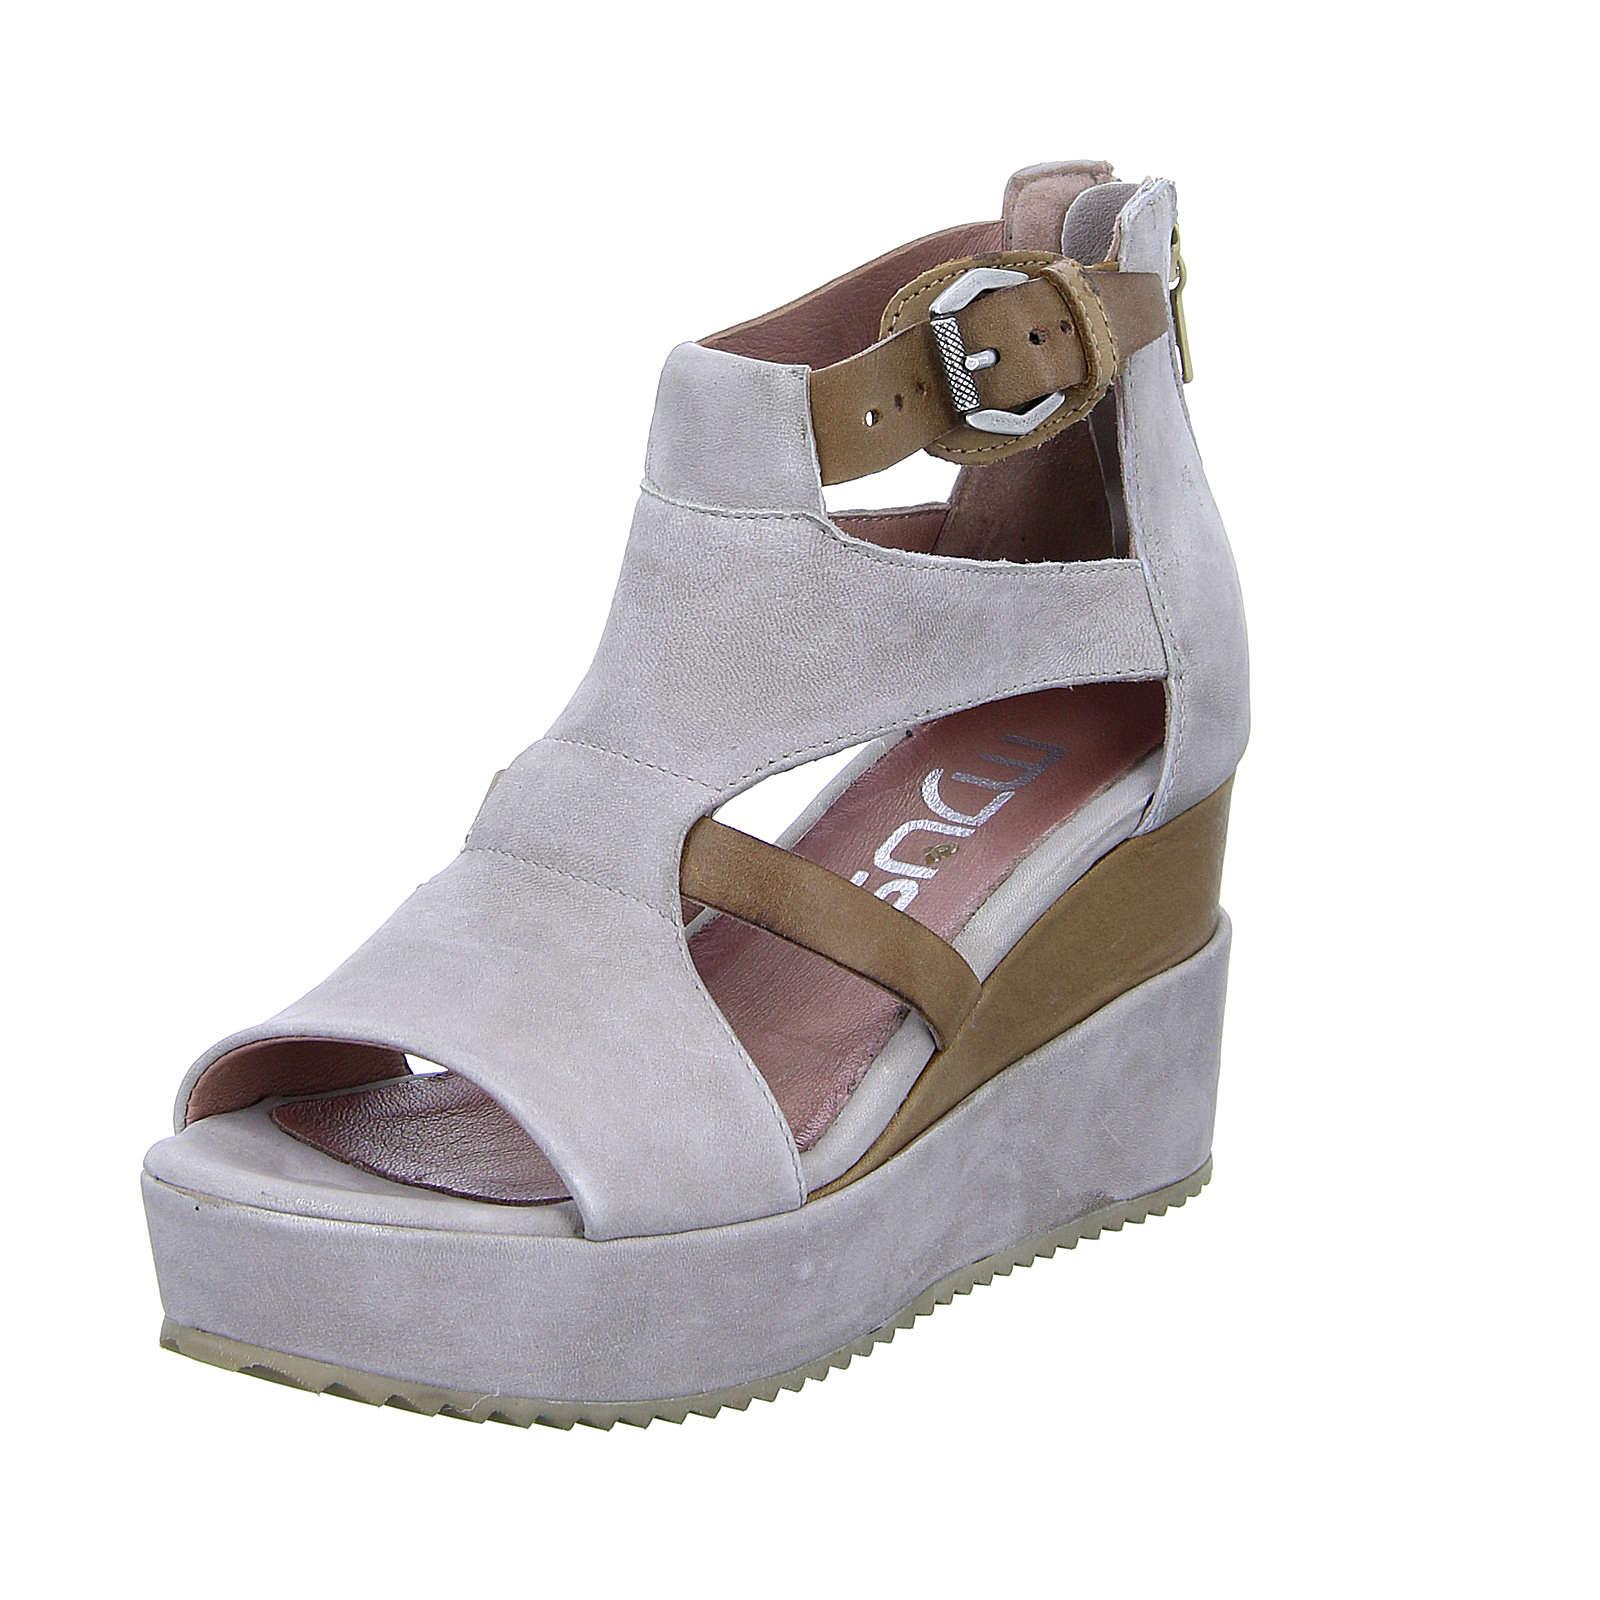 MJUS Damen Sandalette 805016 beige Damen Gr. 40